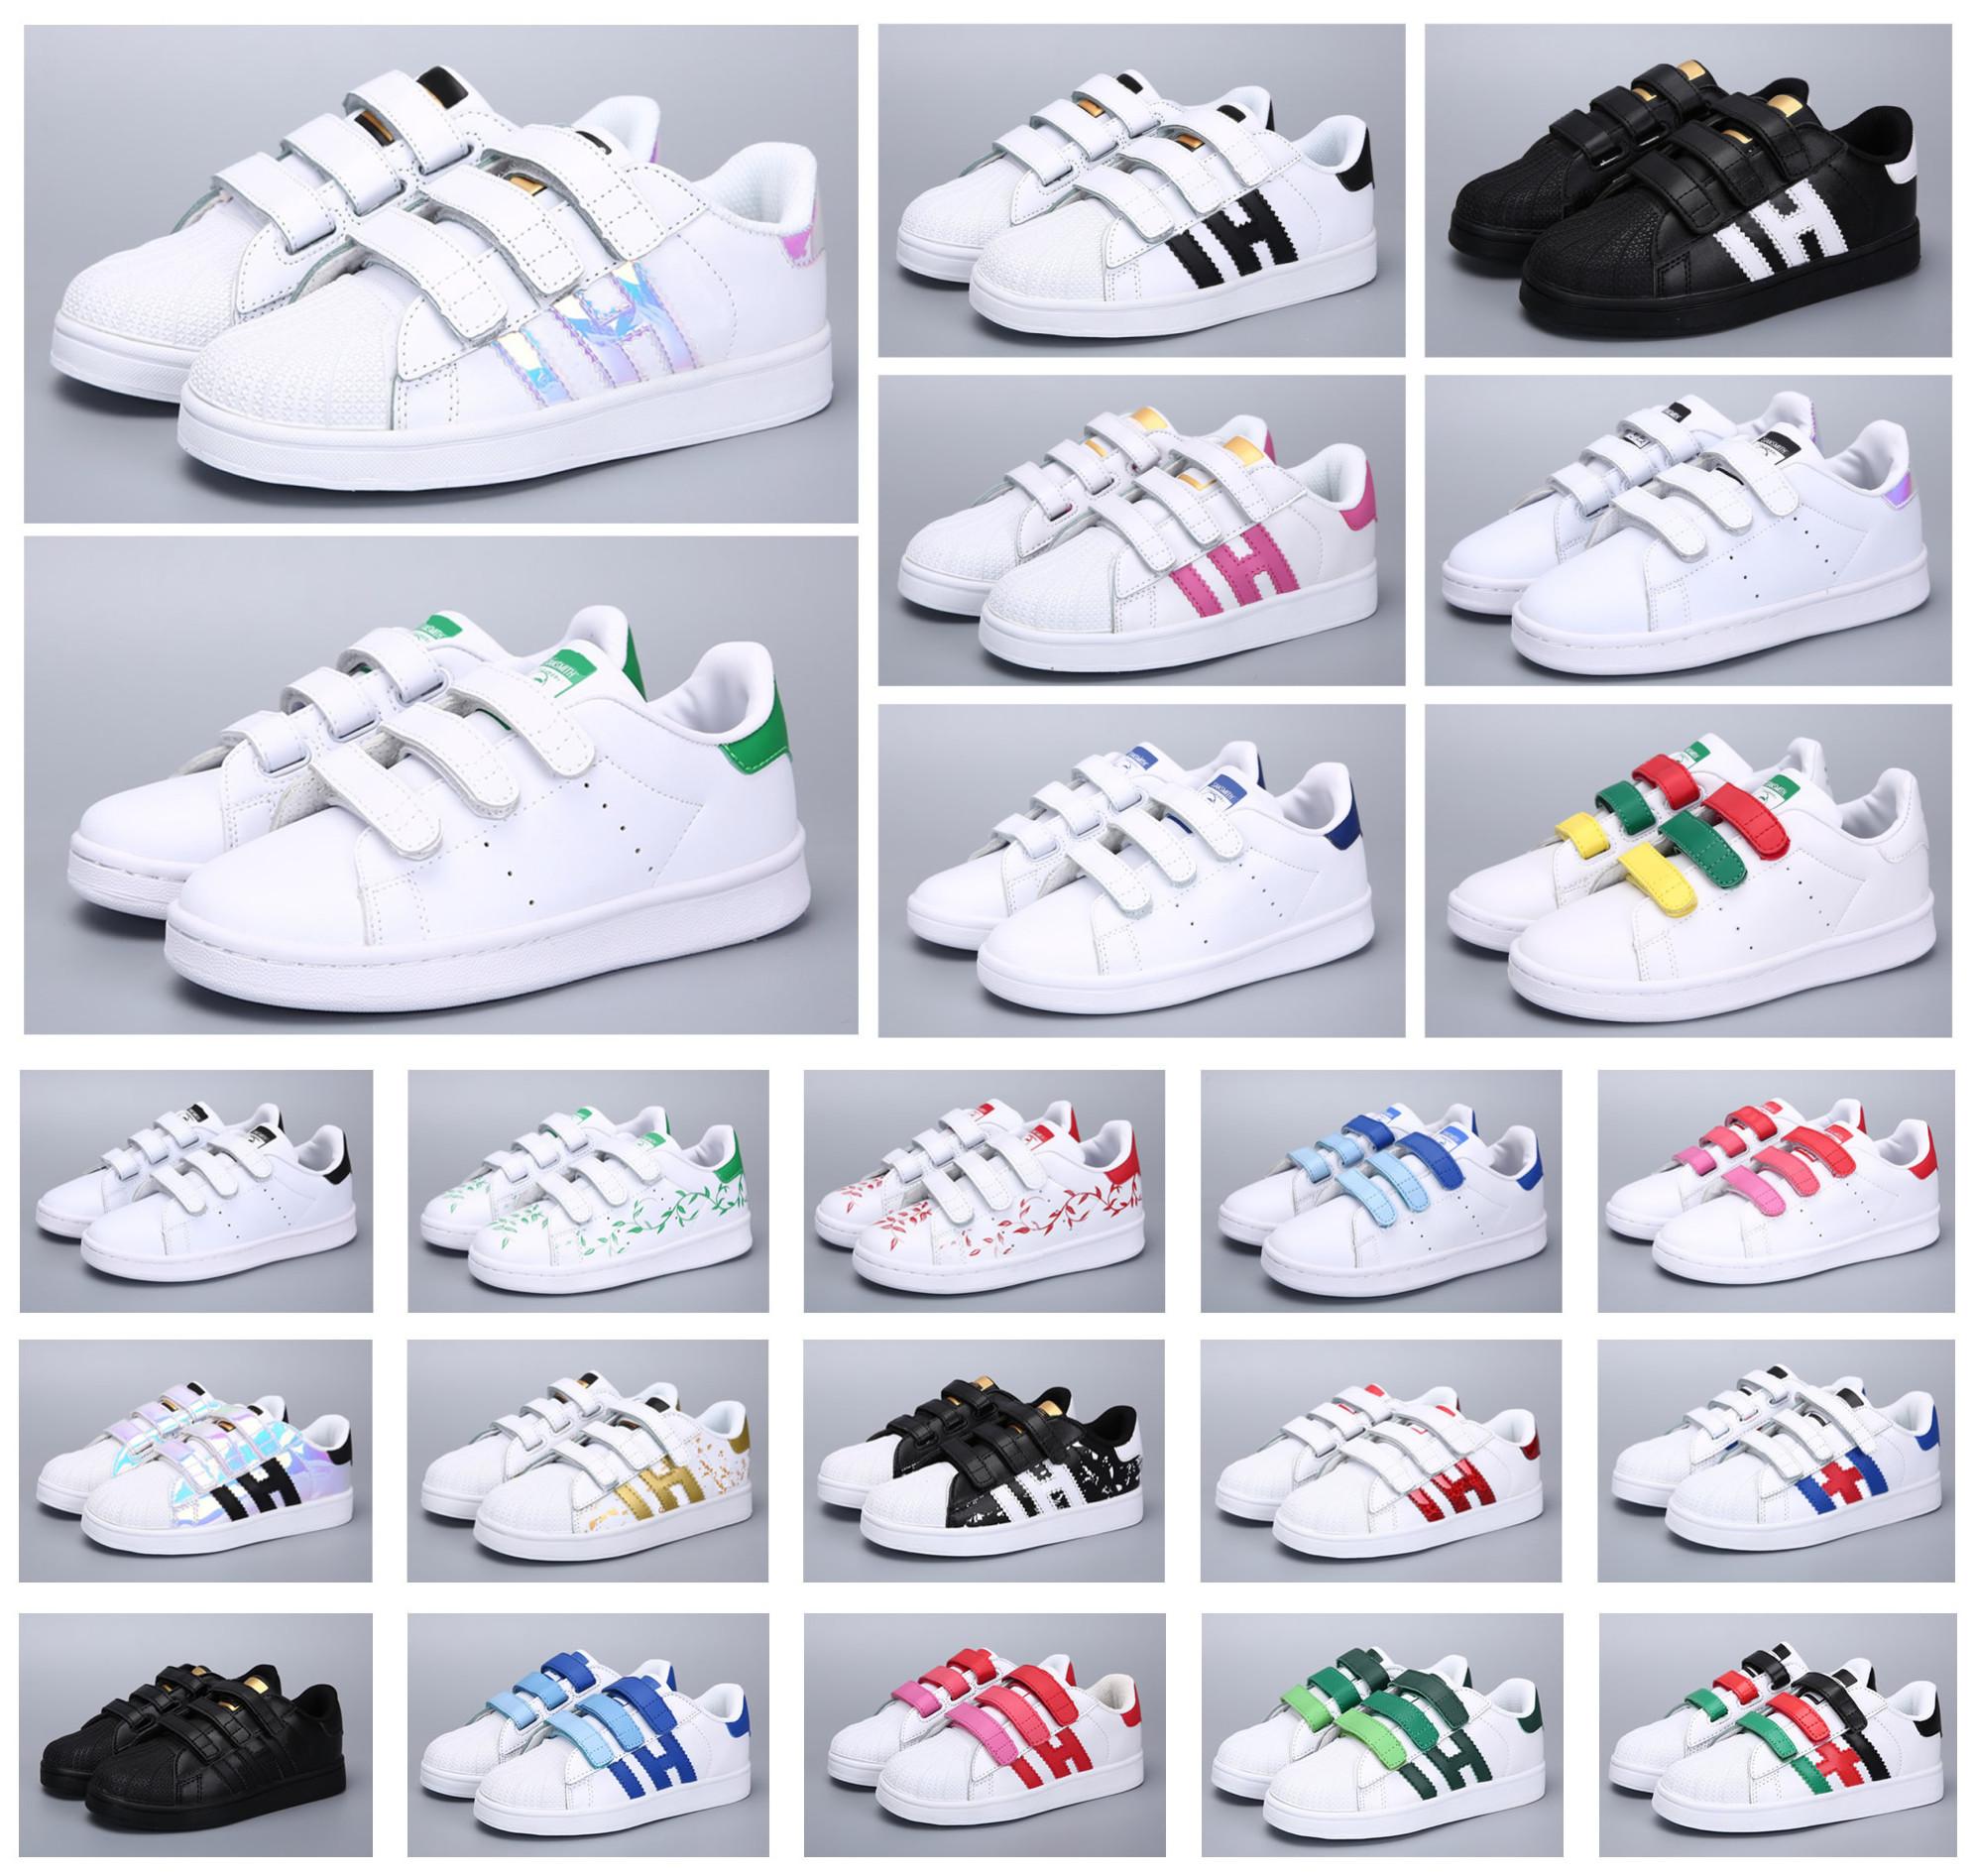 Classique Jeunesse Stan Smith Superstar Enfants Filles Enfant Garçons Bébé Chaussures De Sport Casual Sport Taille 24 35